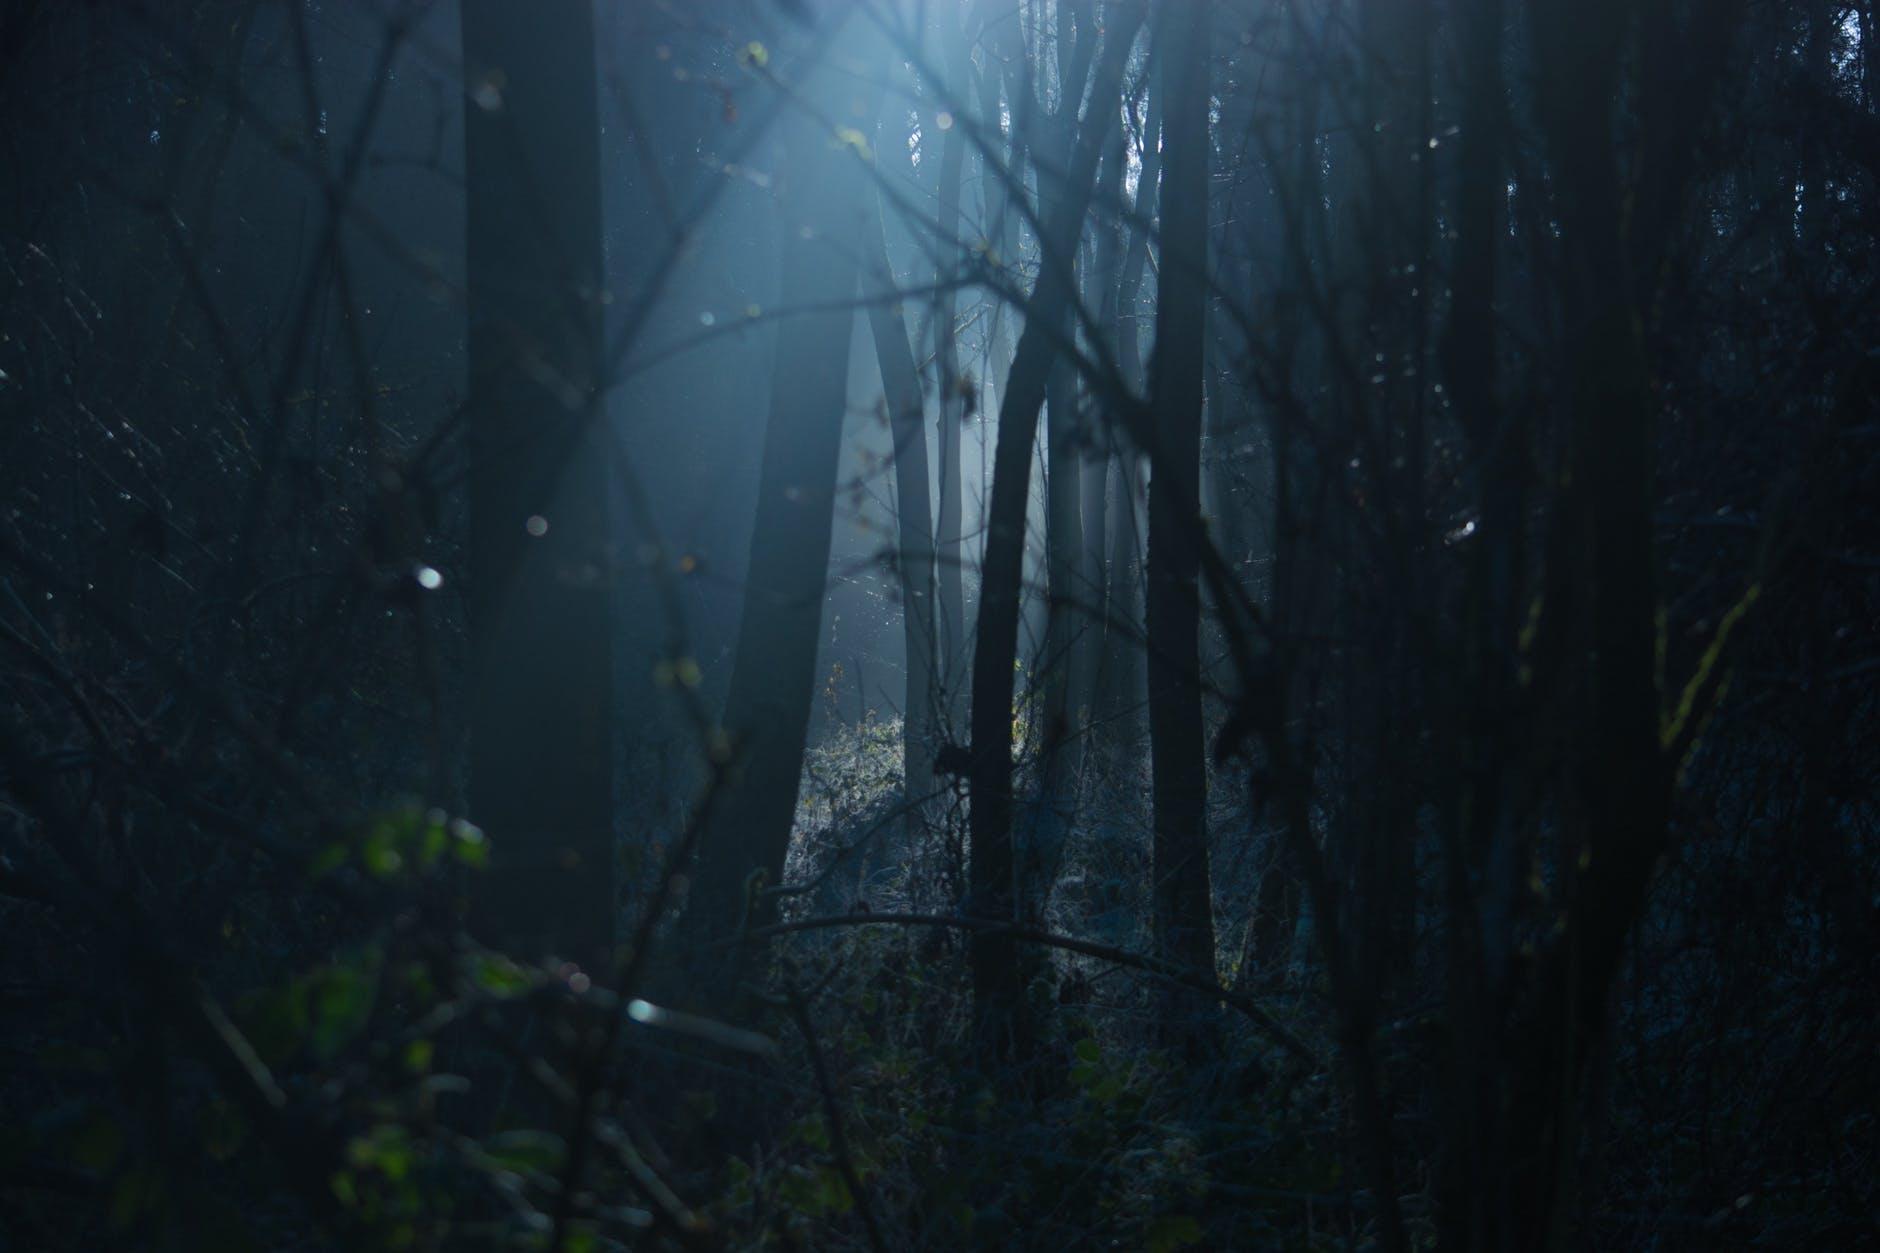 bosques-tenebrosos